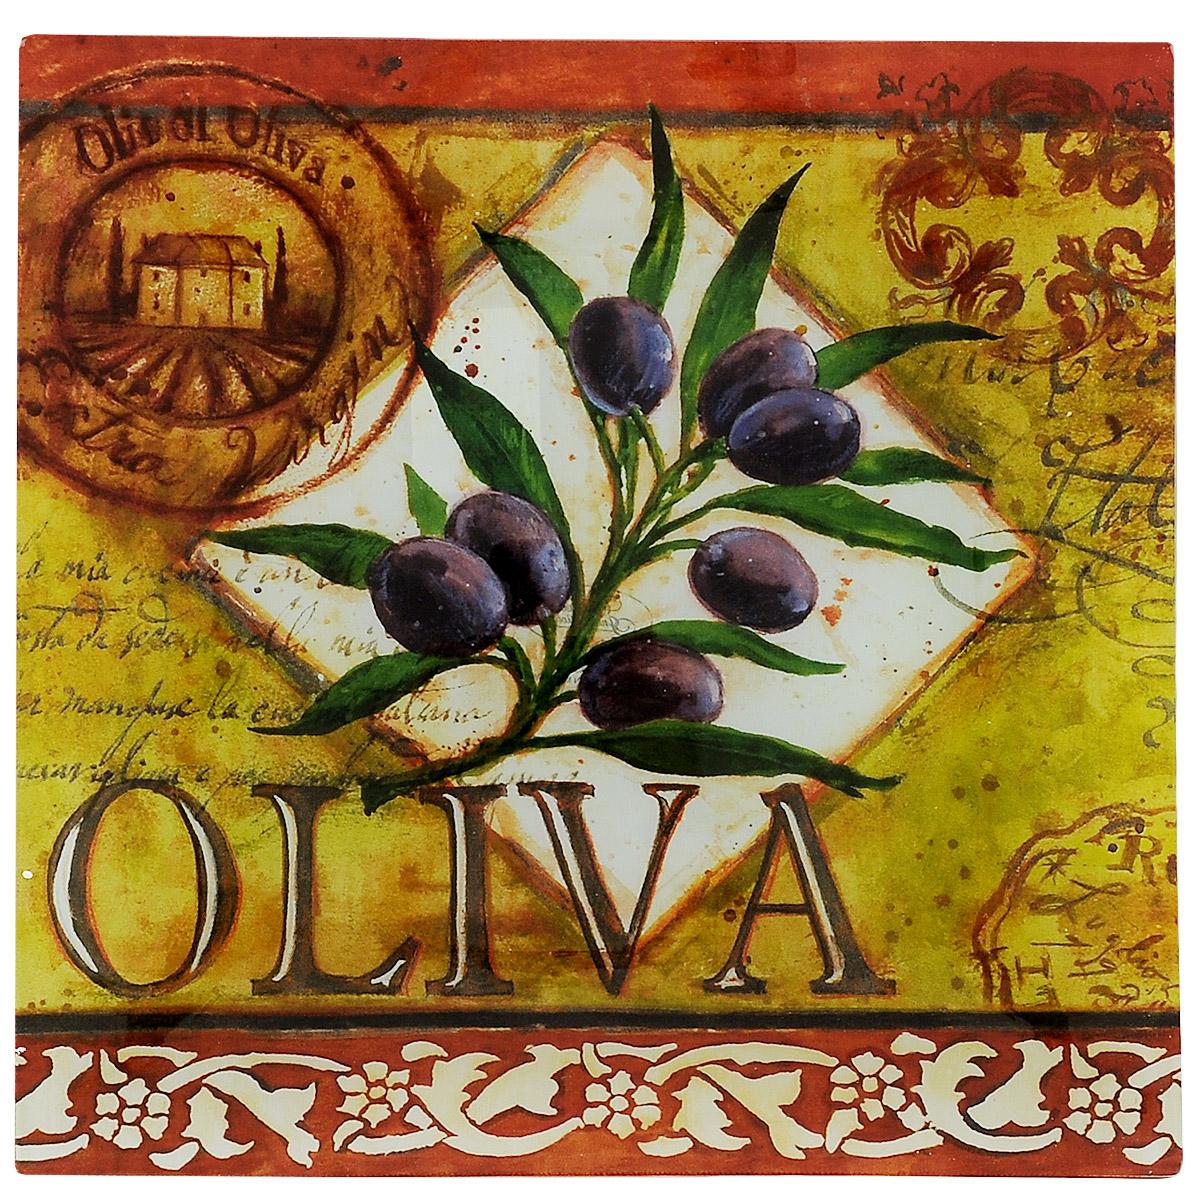 Блюдо Certified International Oliva, 35 см х 35 см40298Изящное квадратное блюдо Certified International Oliva выполнено из прочного стекла и оформлено изображением ветки оливы. Блюдо прекрасно подойдет для сервировки различных блюд. Такое блюдо прекрасно оформит праздничный стол и станет желанным подарком для любой хозяйки. Размер: 35 см х 35 см х 2 см.